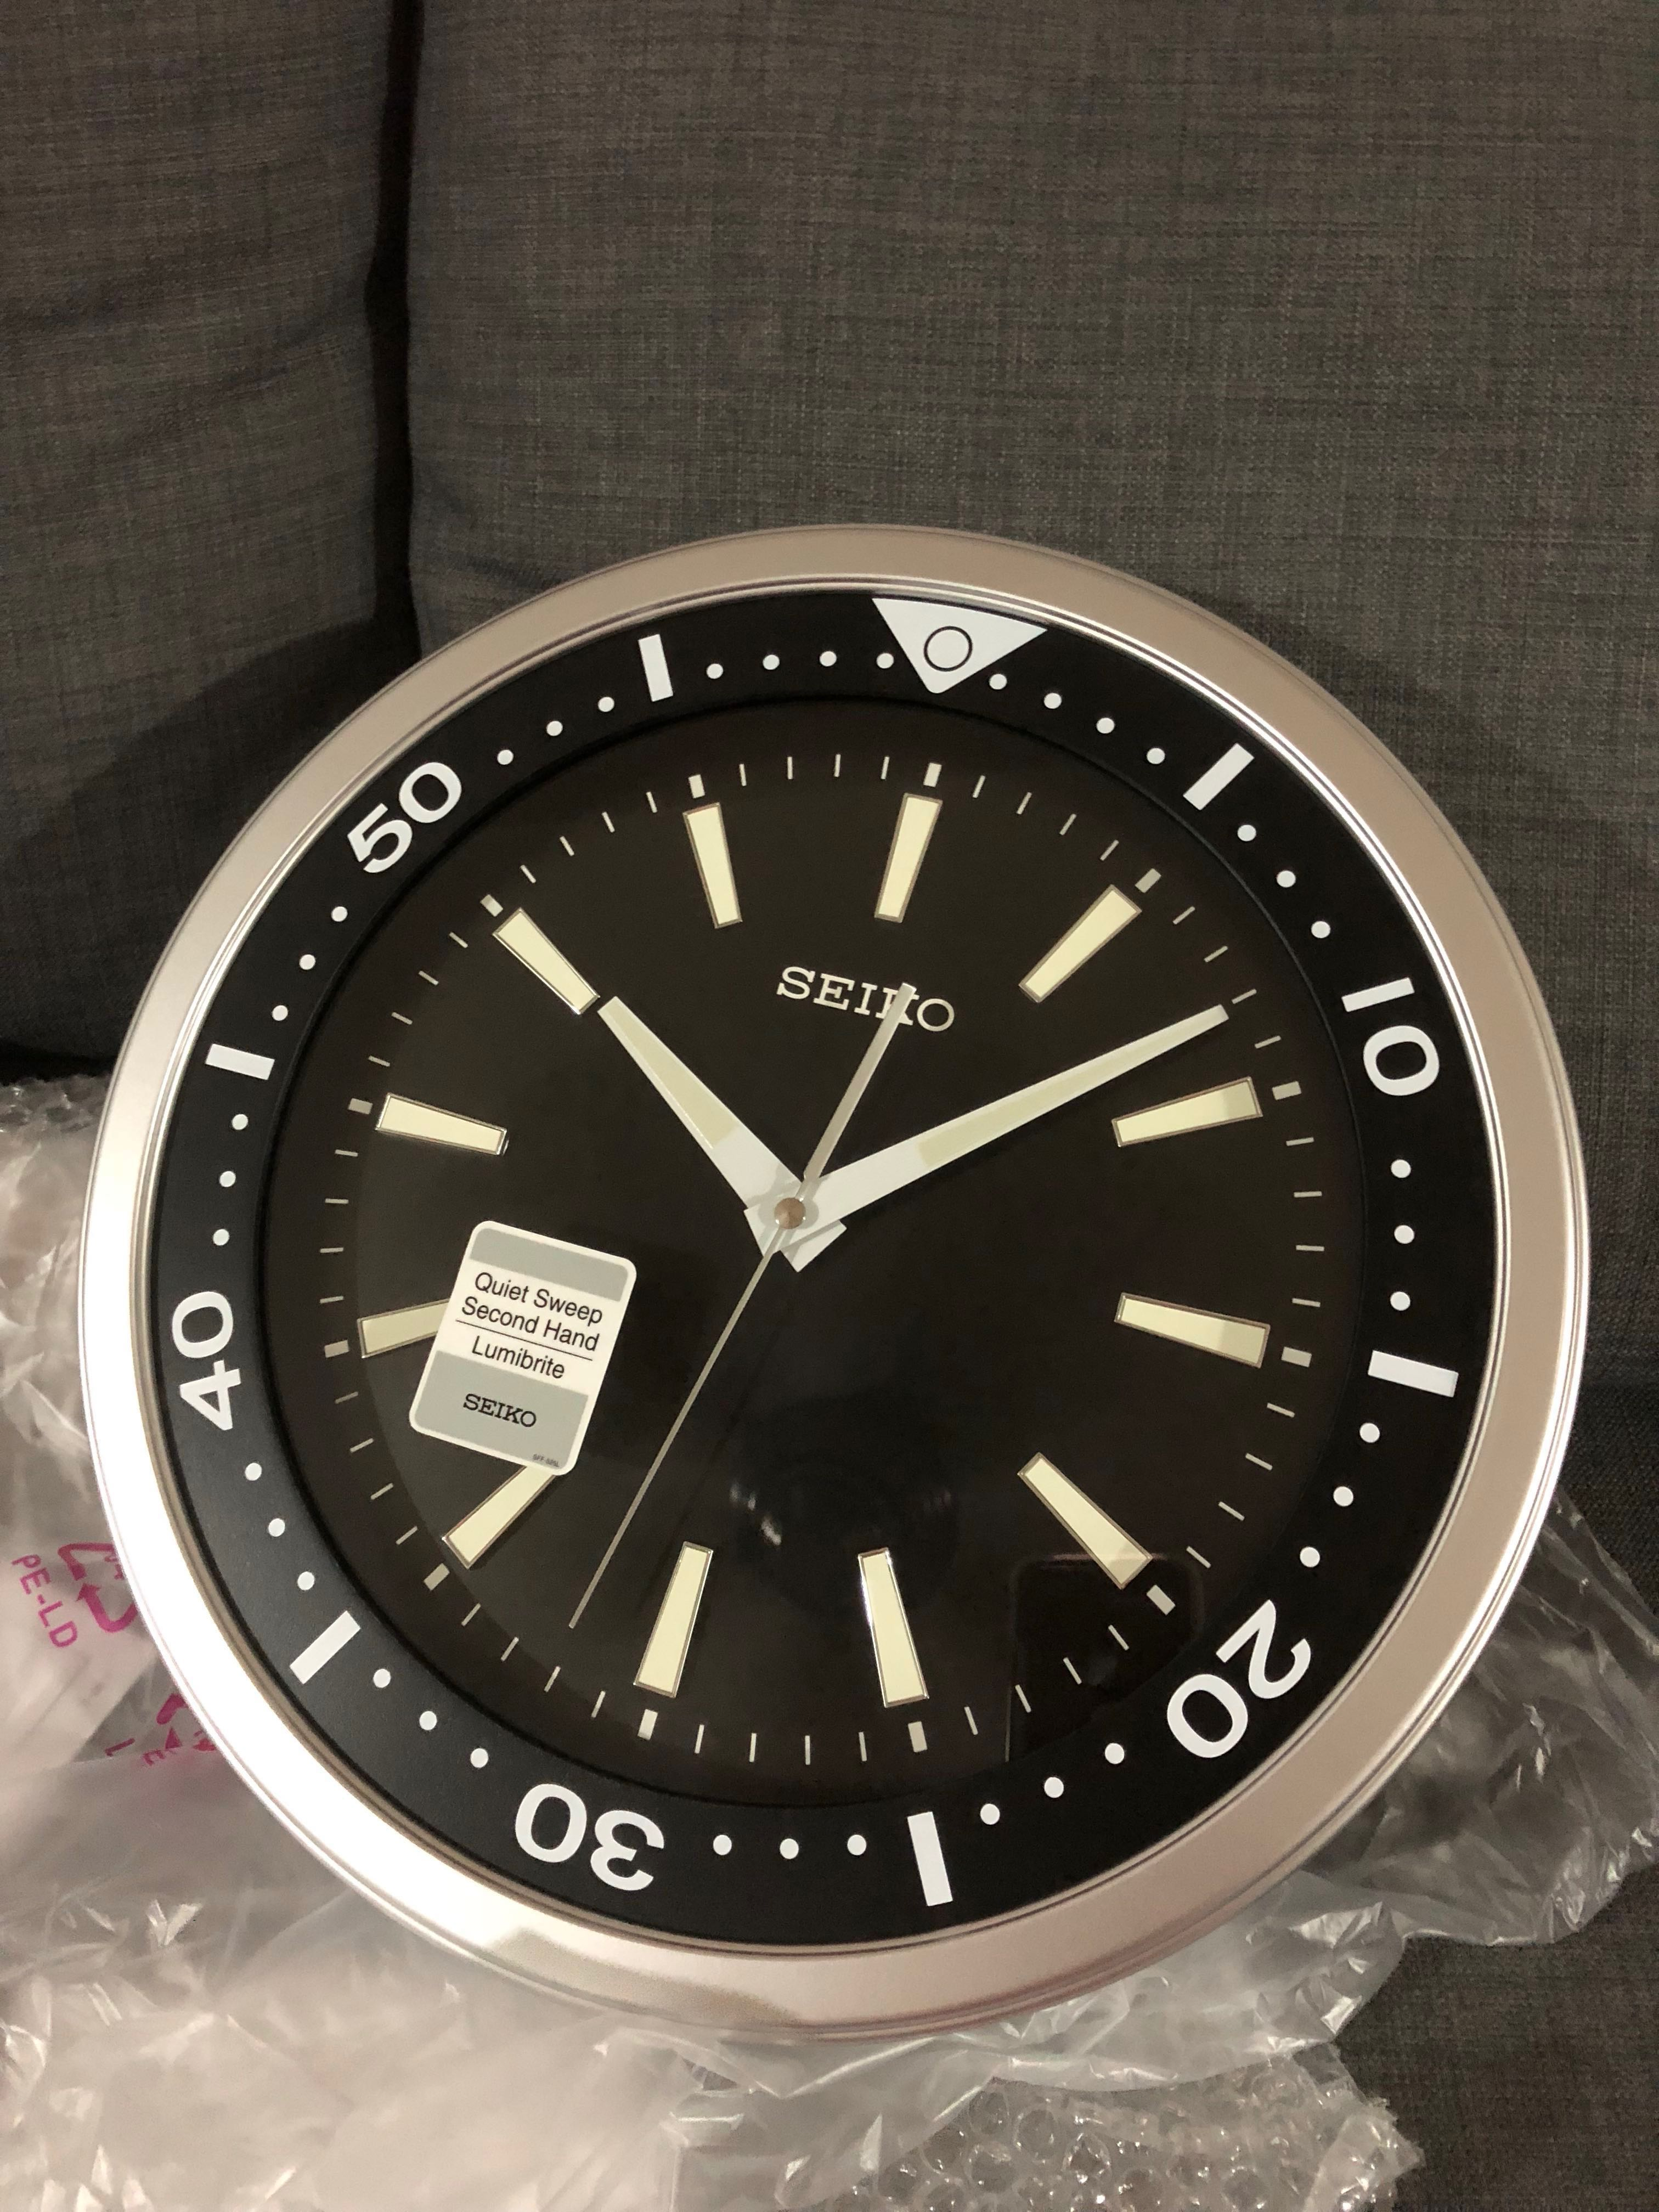 Brand New Seiko Wall Clock Diver Qxa723a Rare Piece With